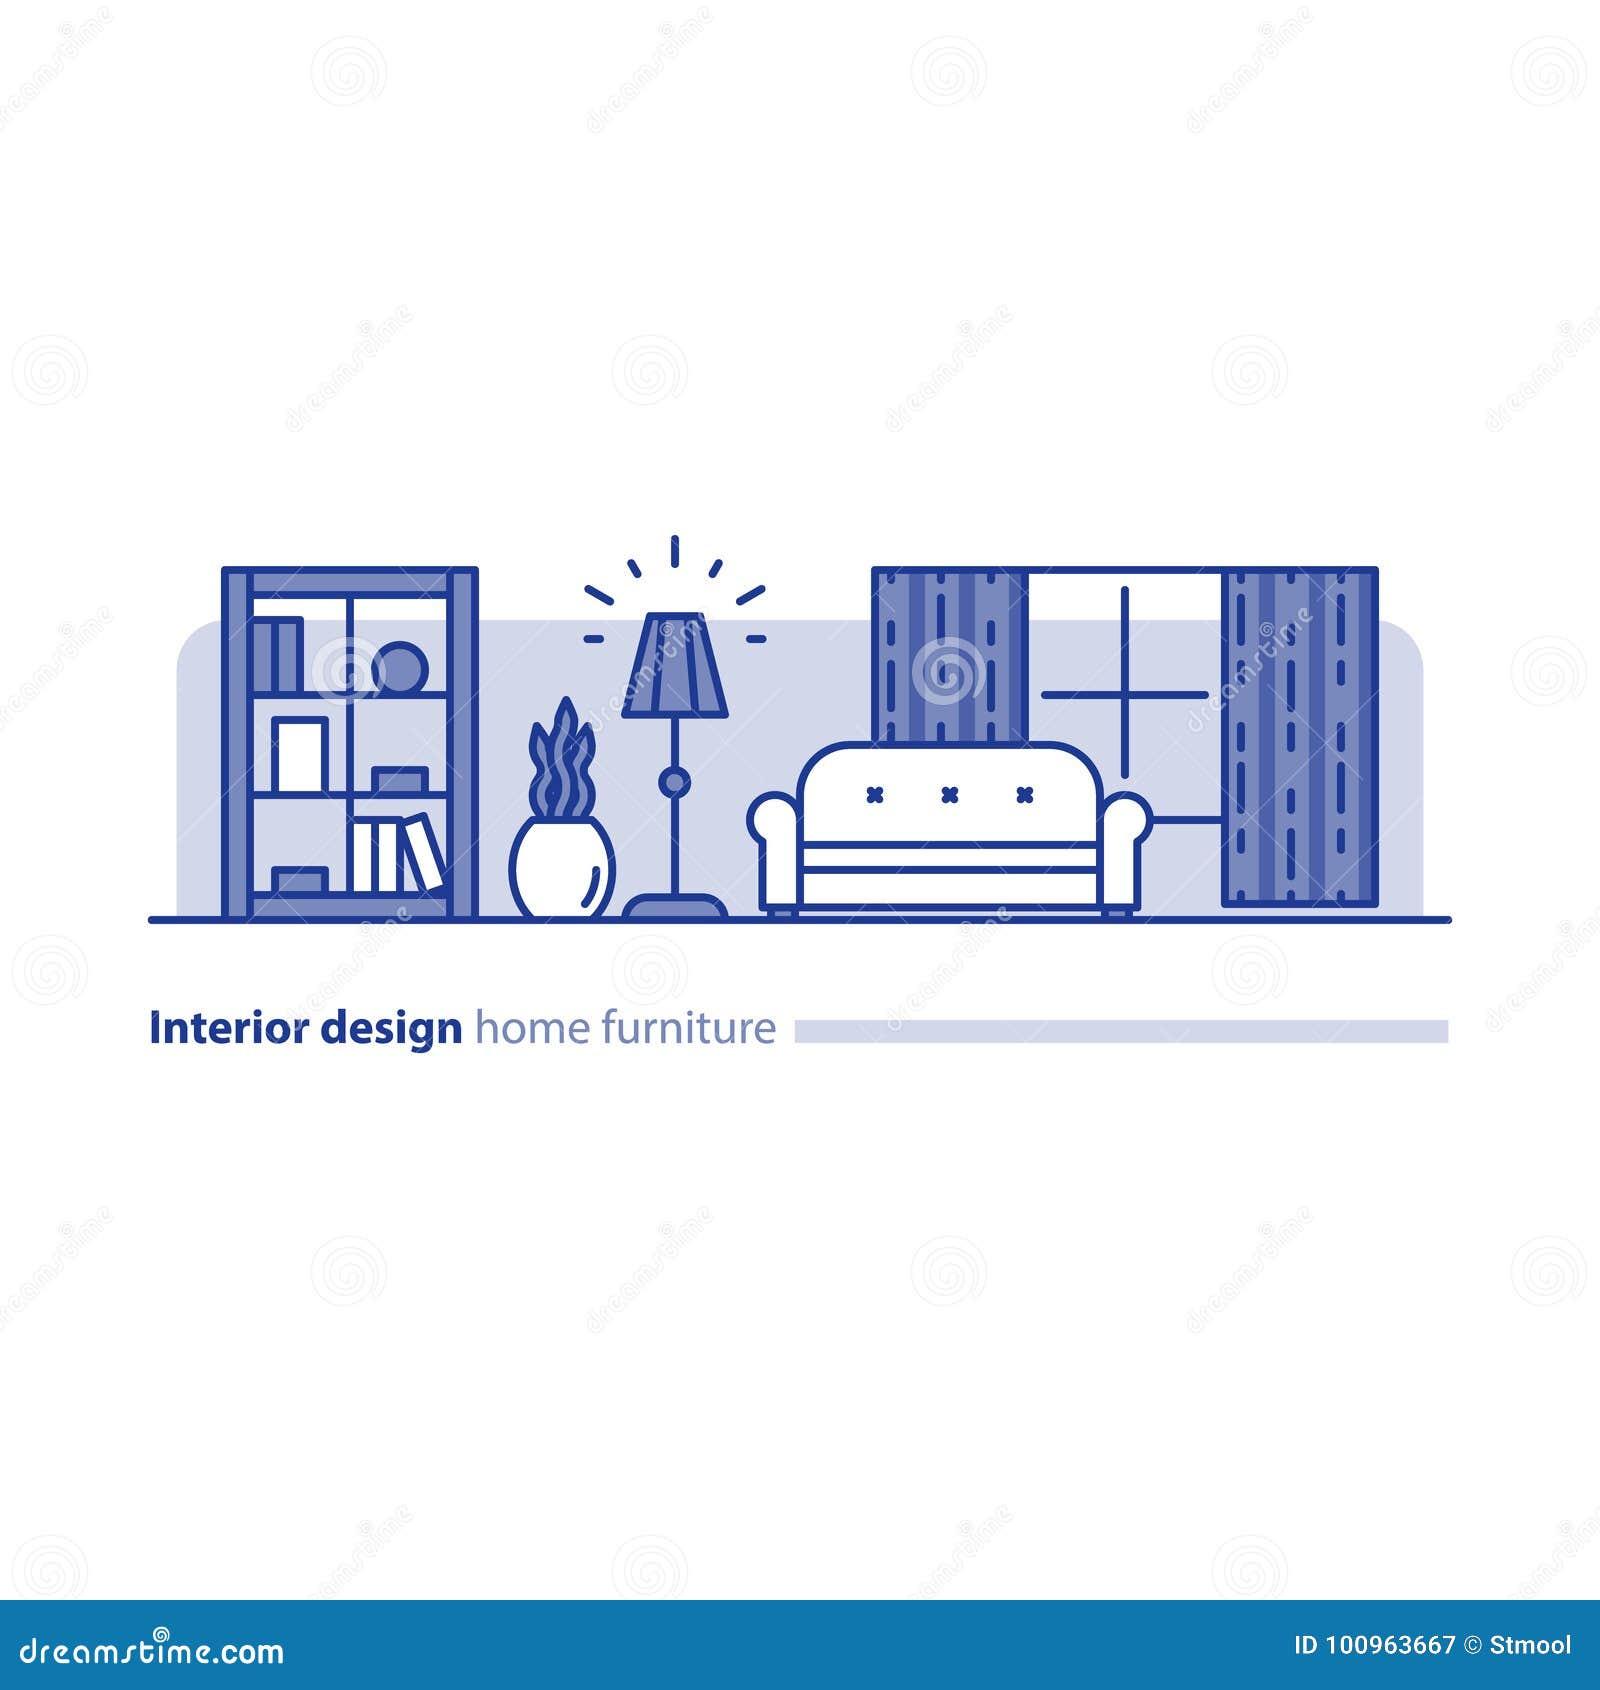 Ρύθμιση επίπλων στο καθιστικό, έννοια απλότητας, άνετο σπίτι, σύγχρονο εσωτερικό σχέδιο